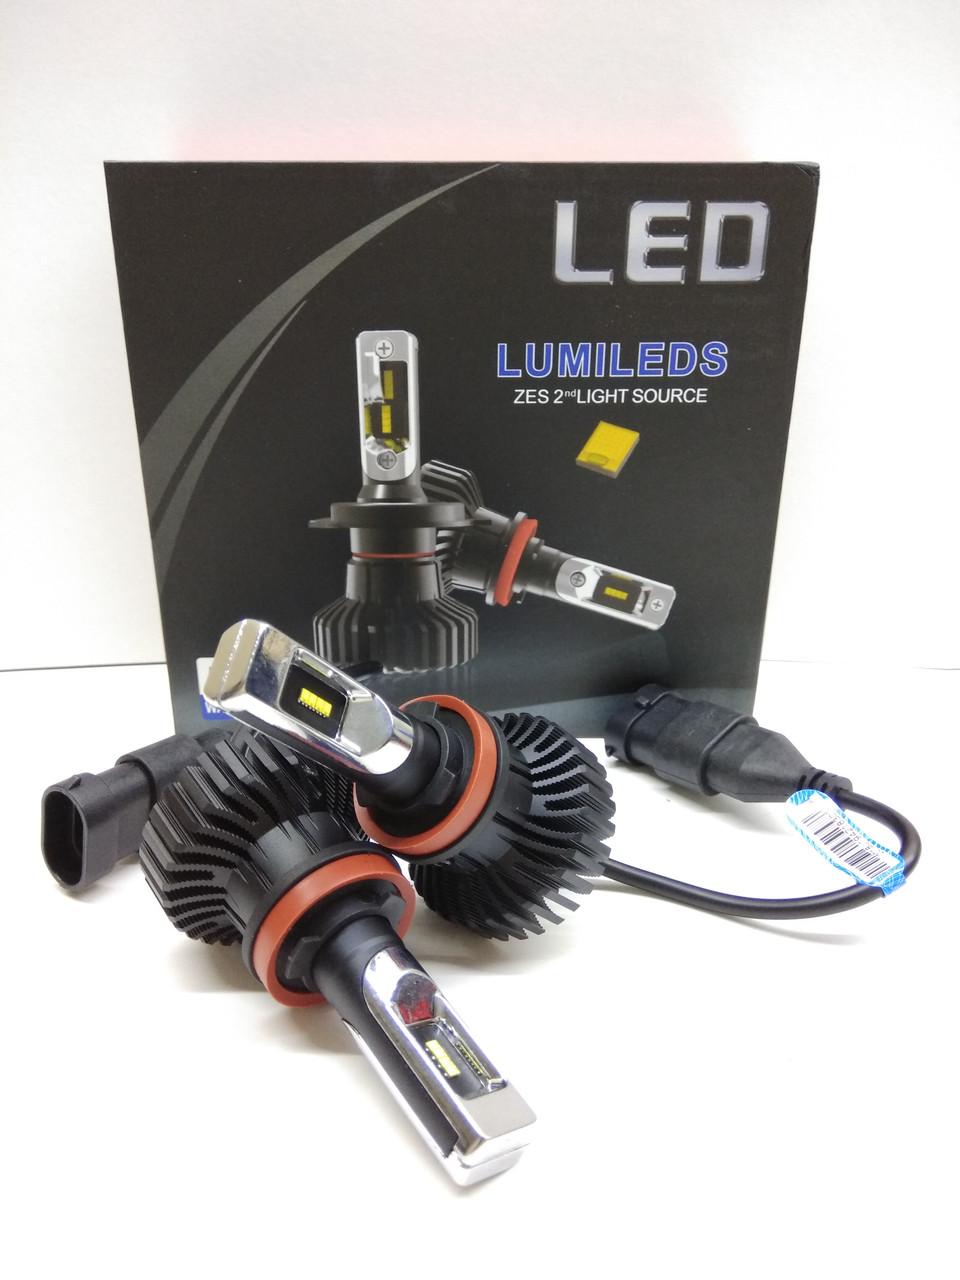 Светодионые автолампы LED BSmart Extra 5, H11, H8, H9, H16(JP), 50W, Lumileds Luxeon Z ES, 9-36V